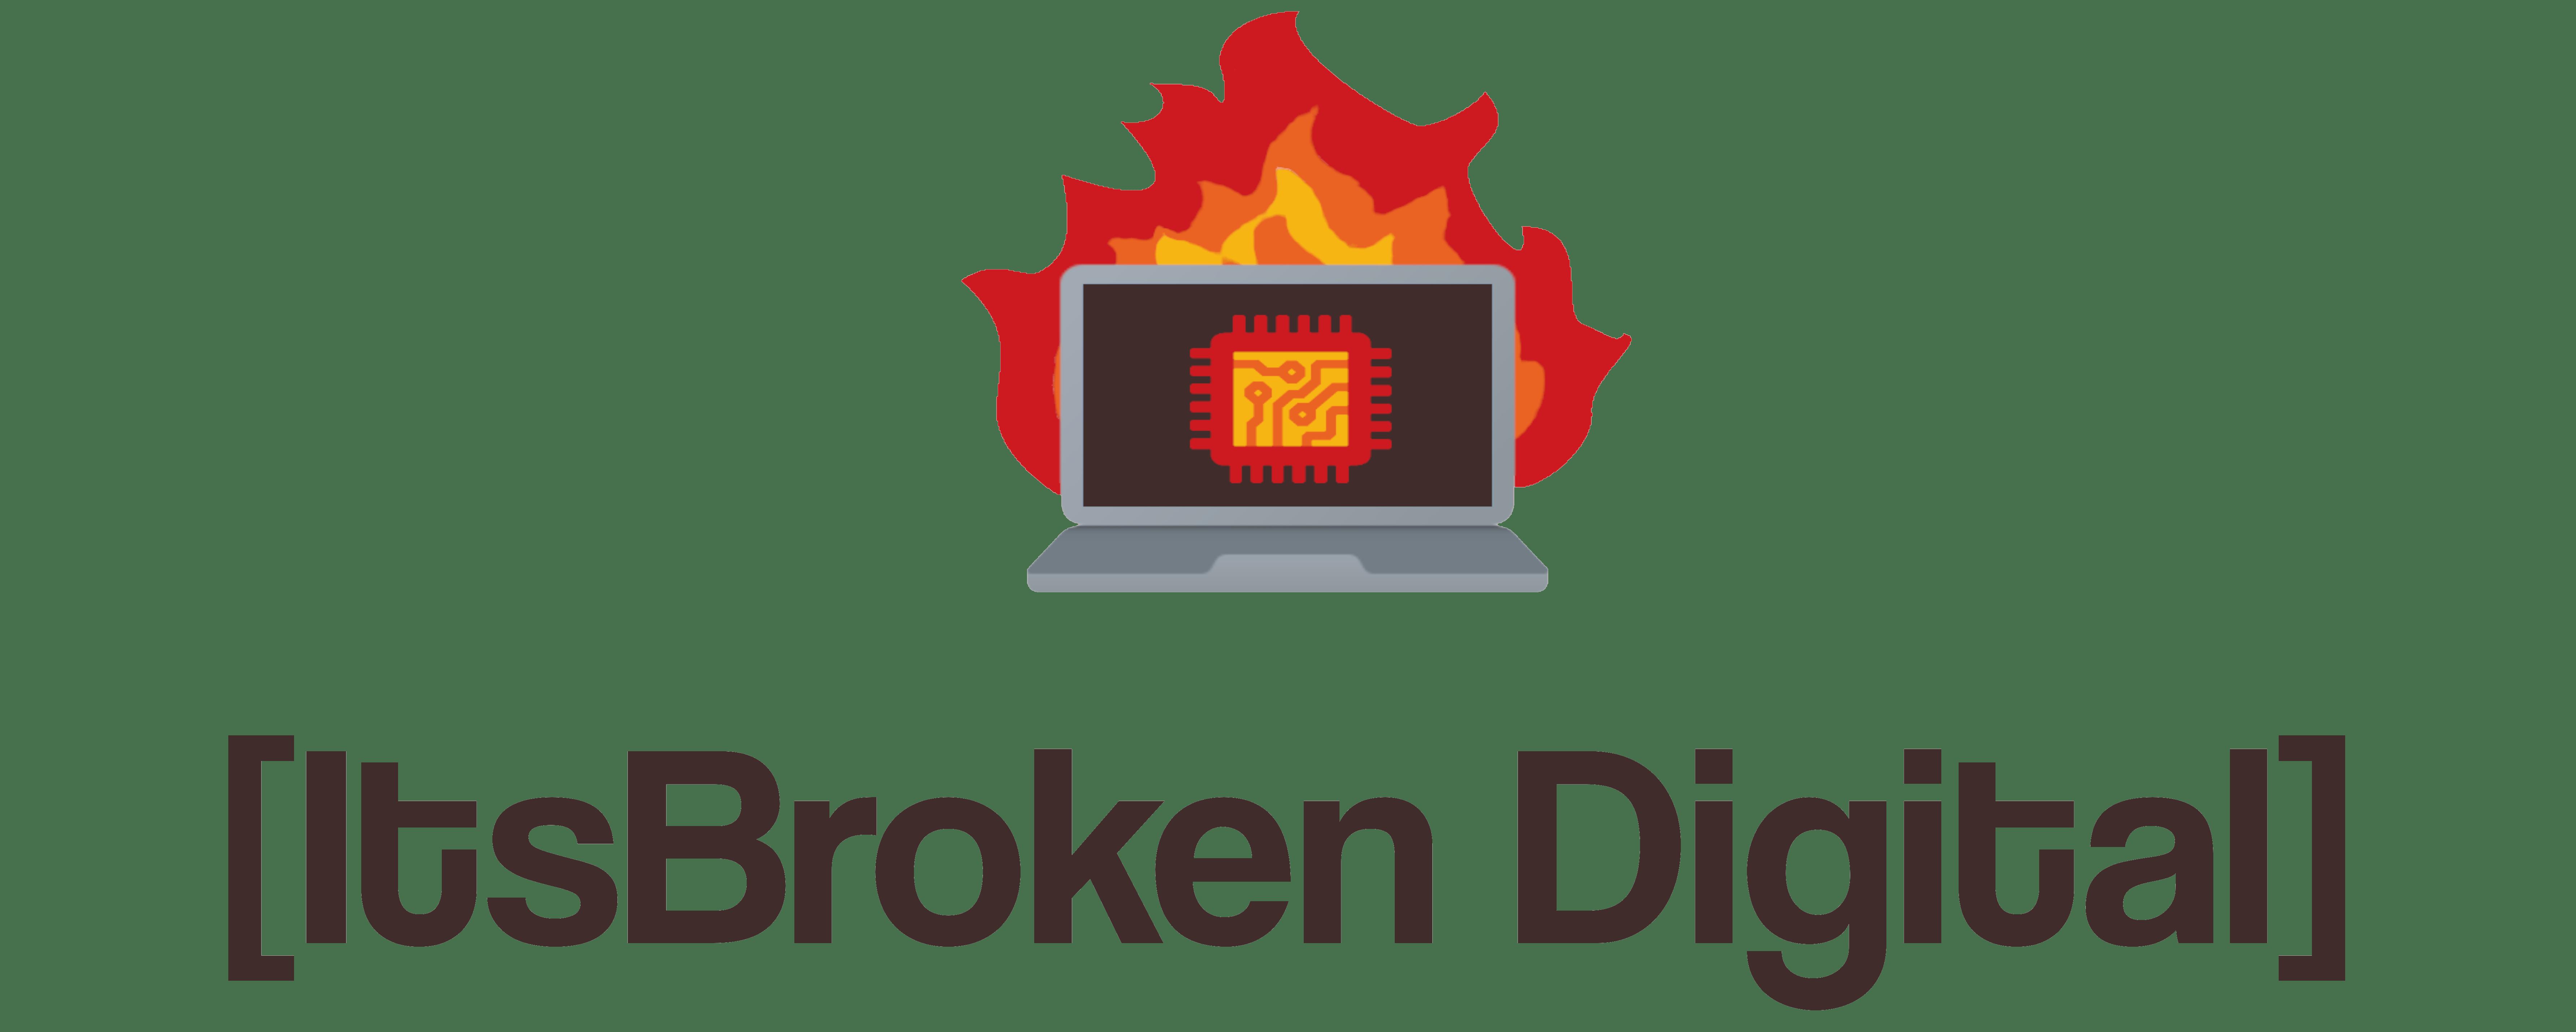 ItsBroken Digital